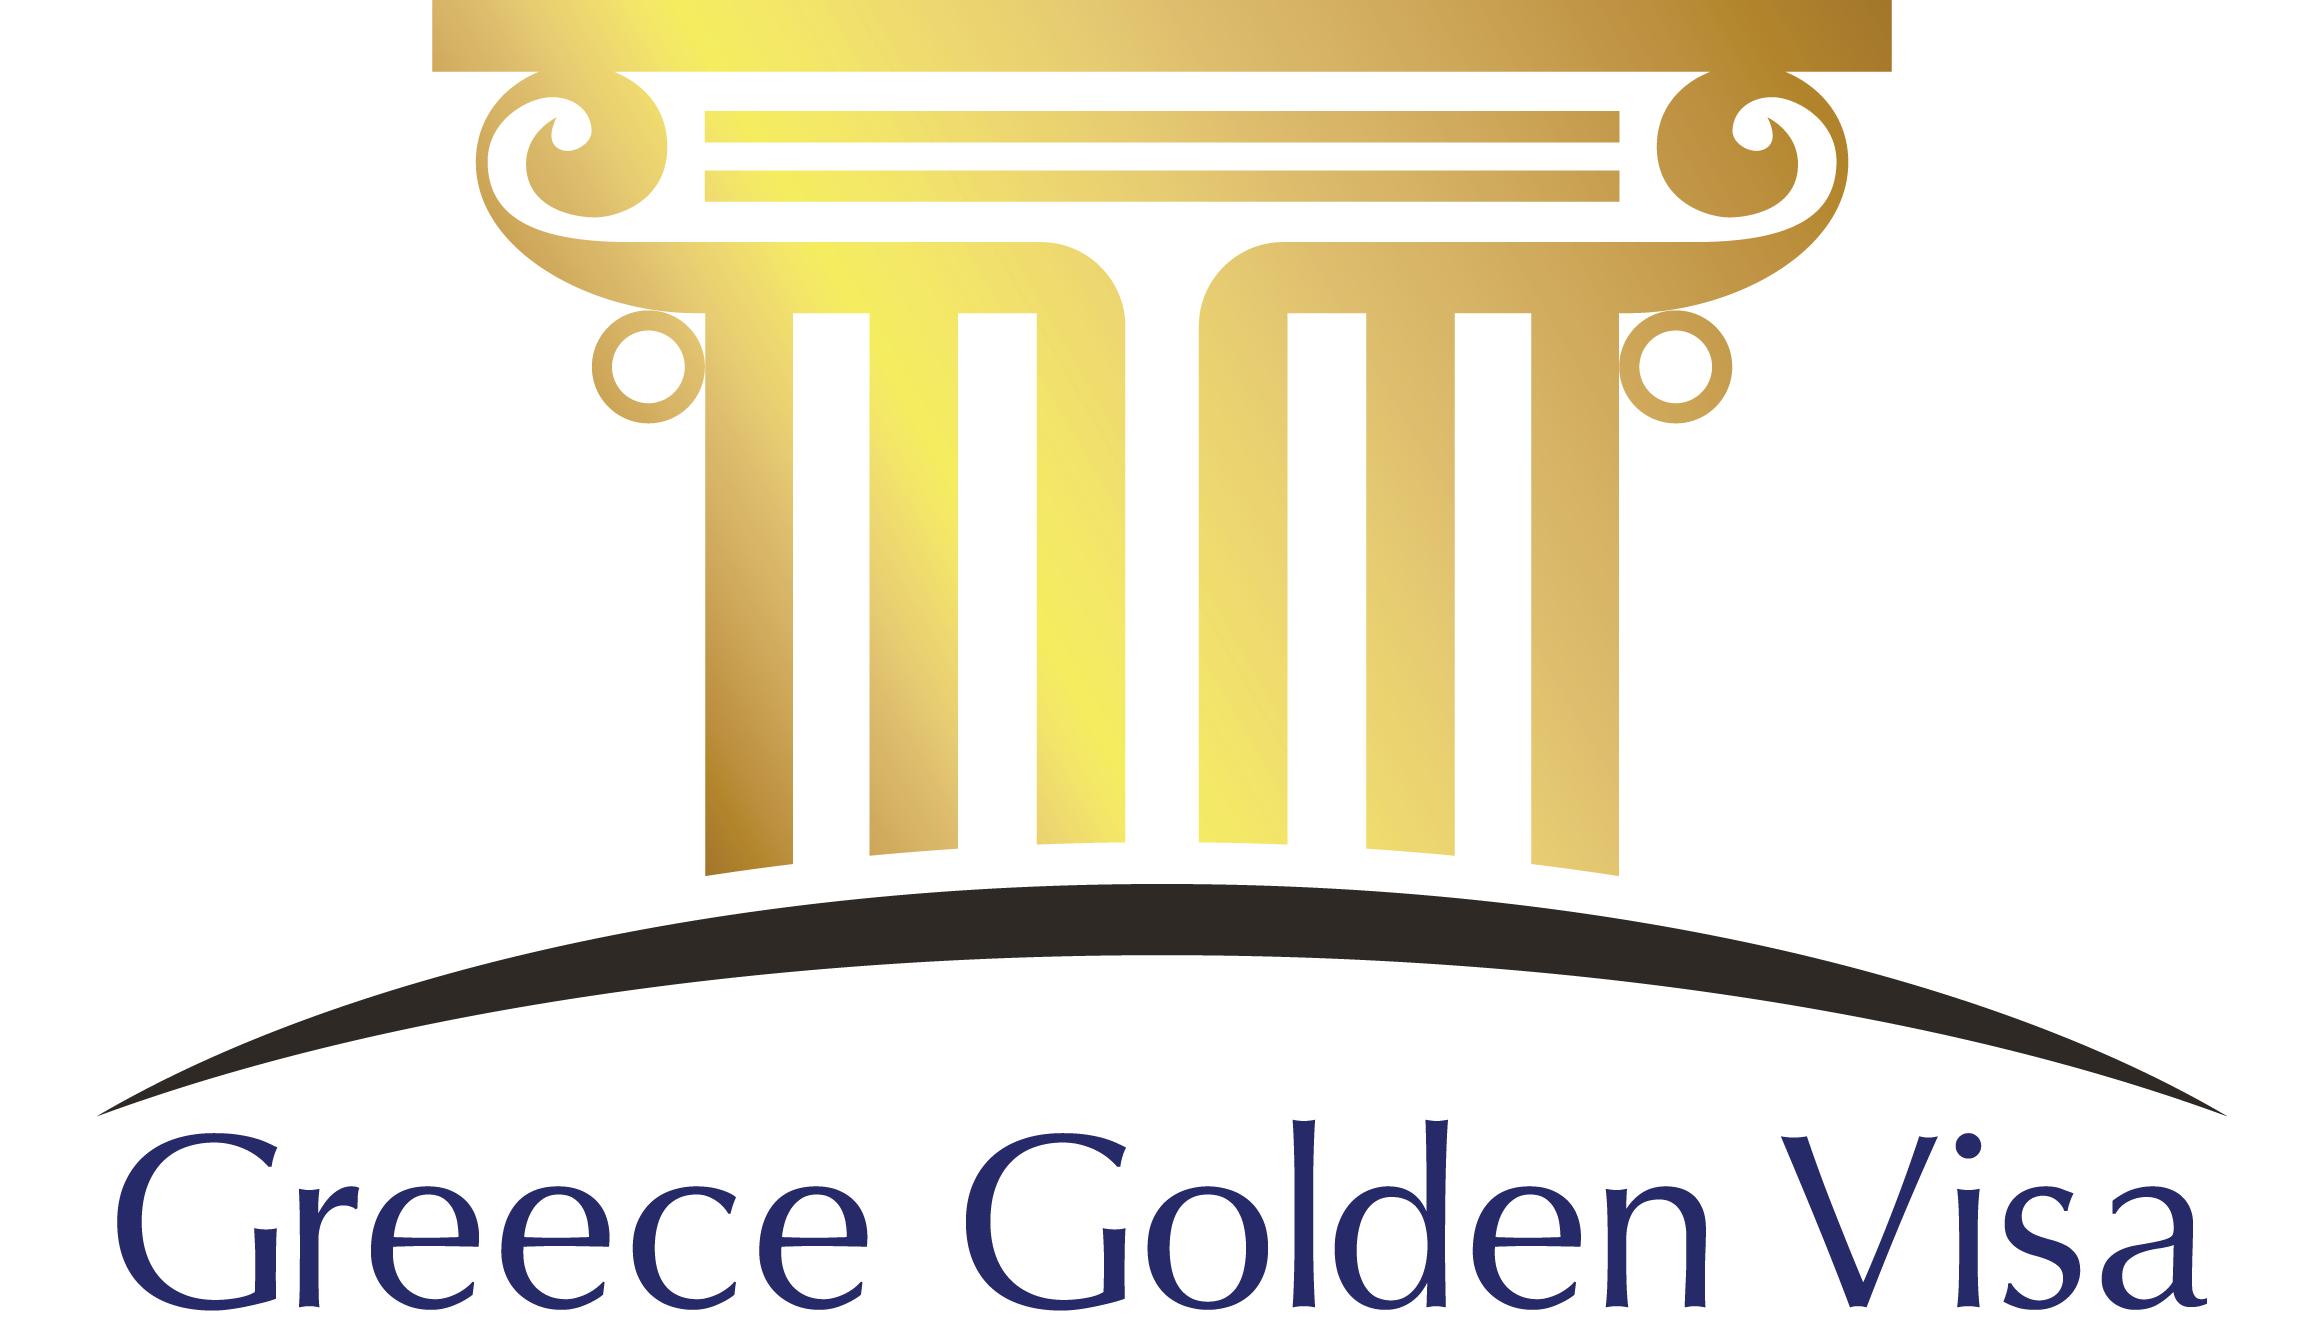 Greece-Golden-Visas_logo-1-e1459845379956